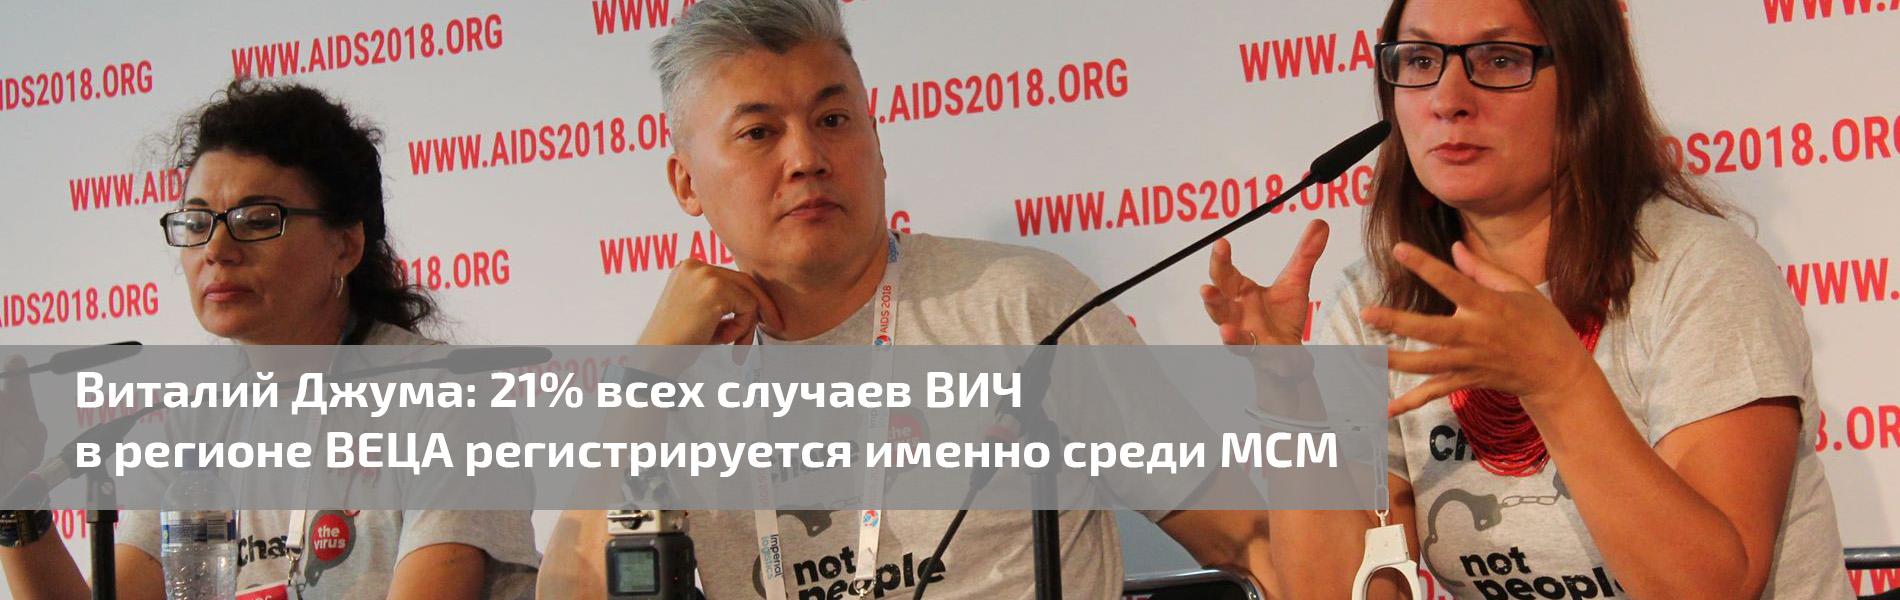 Исполнительный директор Евразийской коалиции по мужскому здоровью Виталий Джума подчеркнул критическую ситуацию в регионе с гомофобией, стигмой и дискриминацией в отношении геев и других мужчин, имеющих секс с мужчинами.